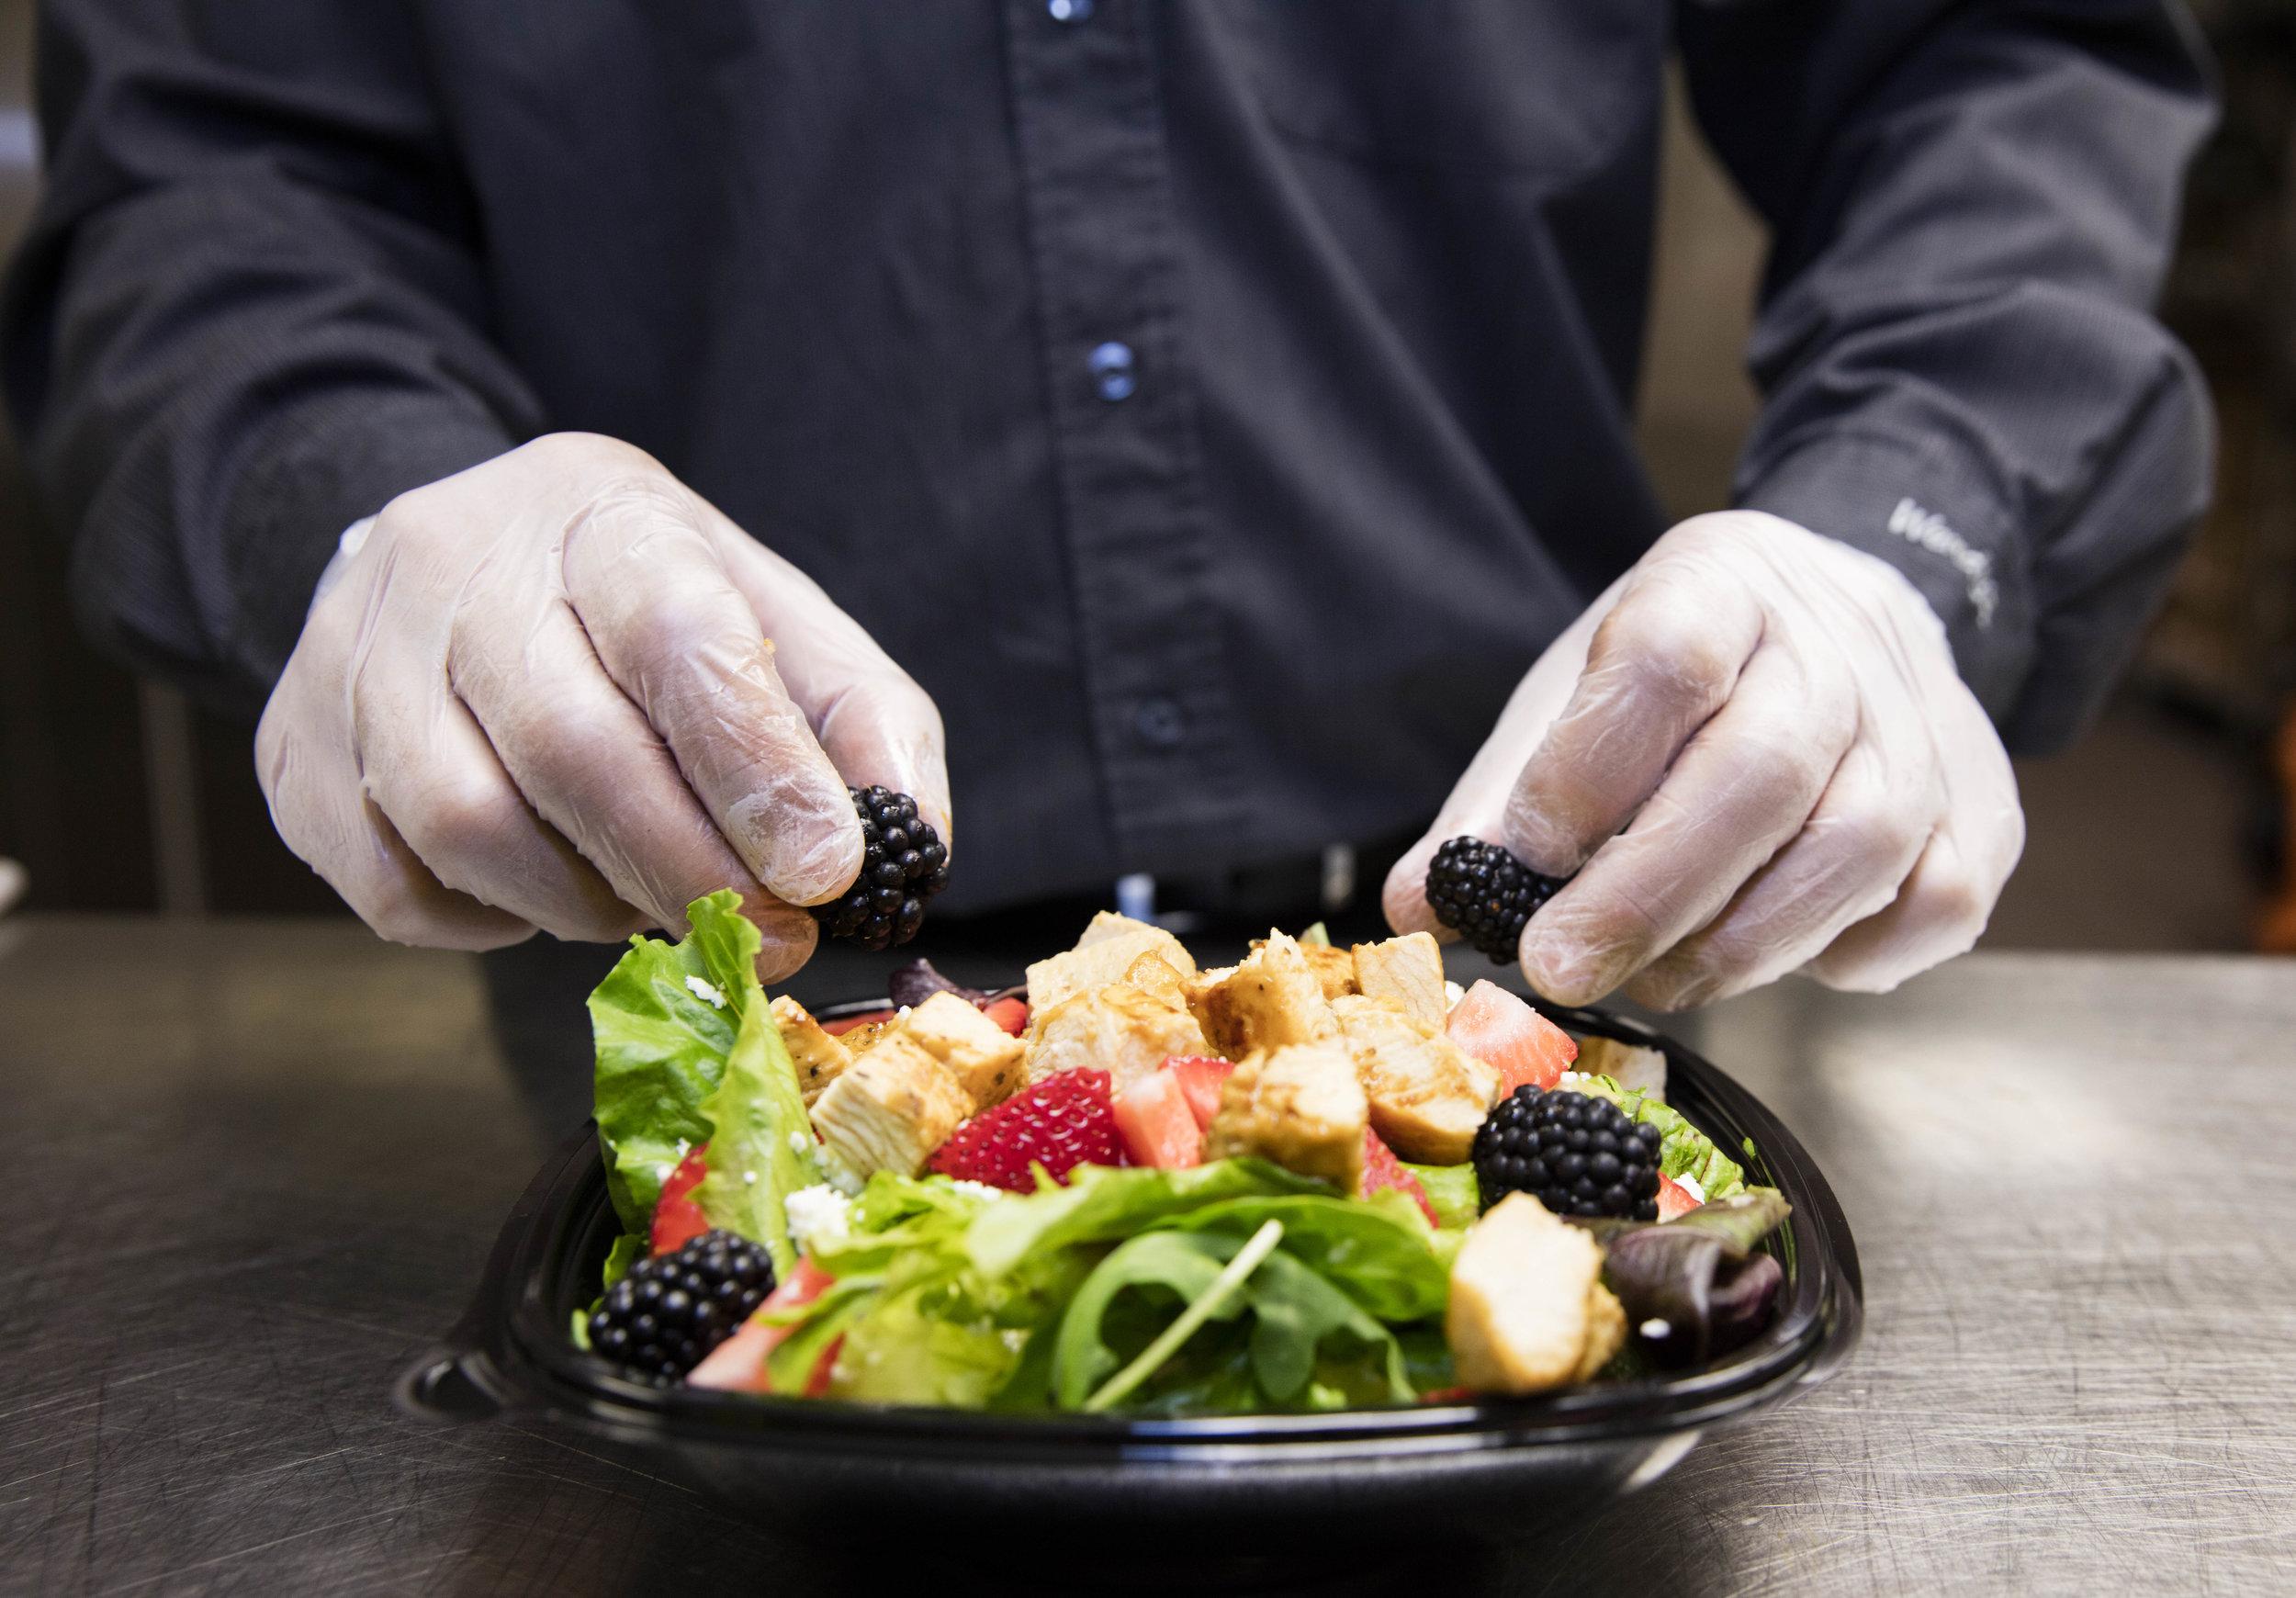 Wendy's Summer Berry Chicken Salad Features Fresh Blackberries & Strawberries.